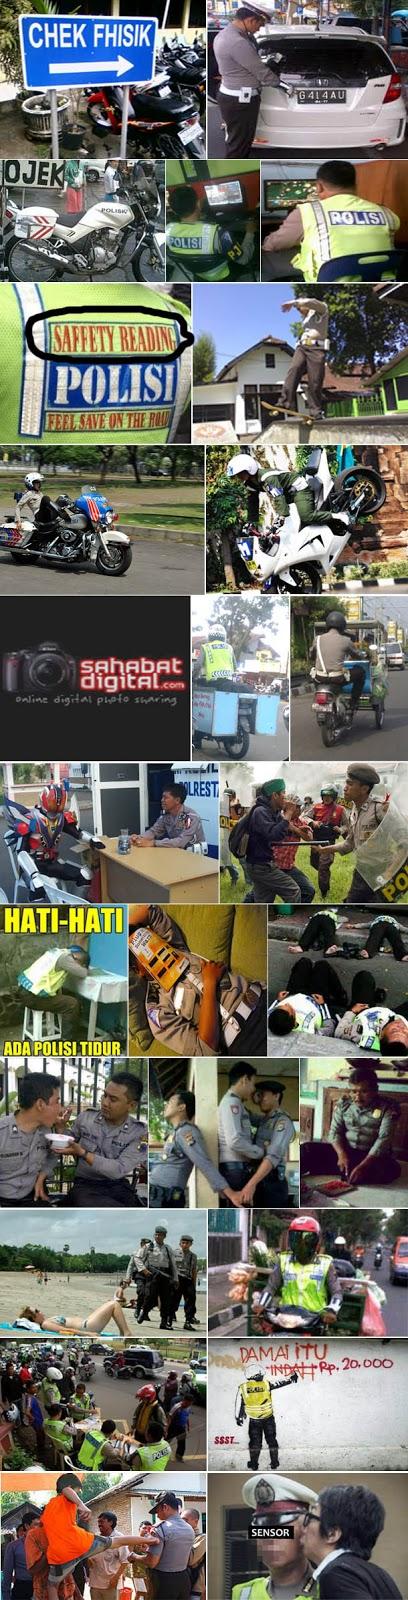 Koleksi Foto Lucu Pak Polisi - Blog Info Fakta Dan Unik